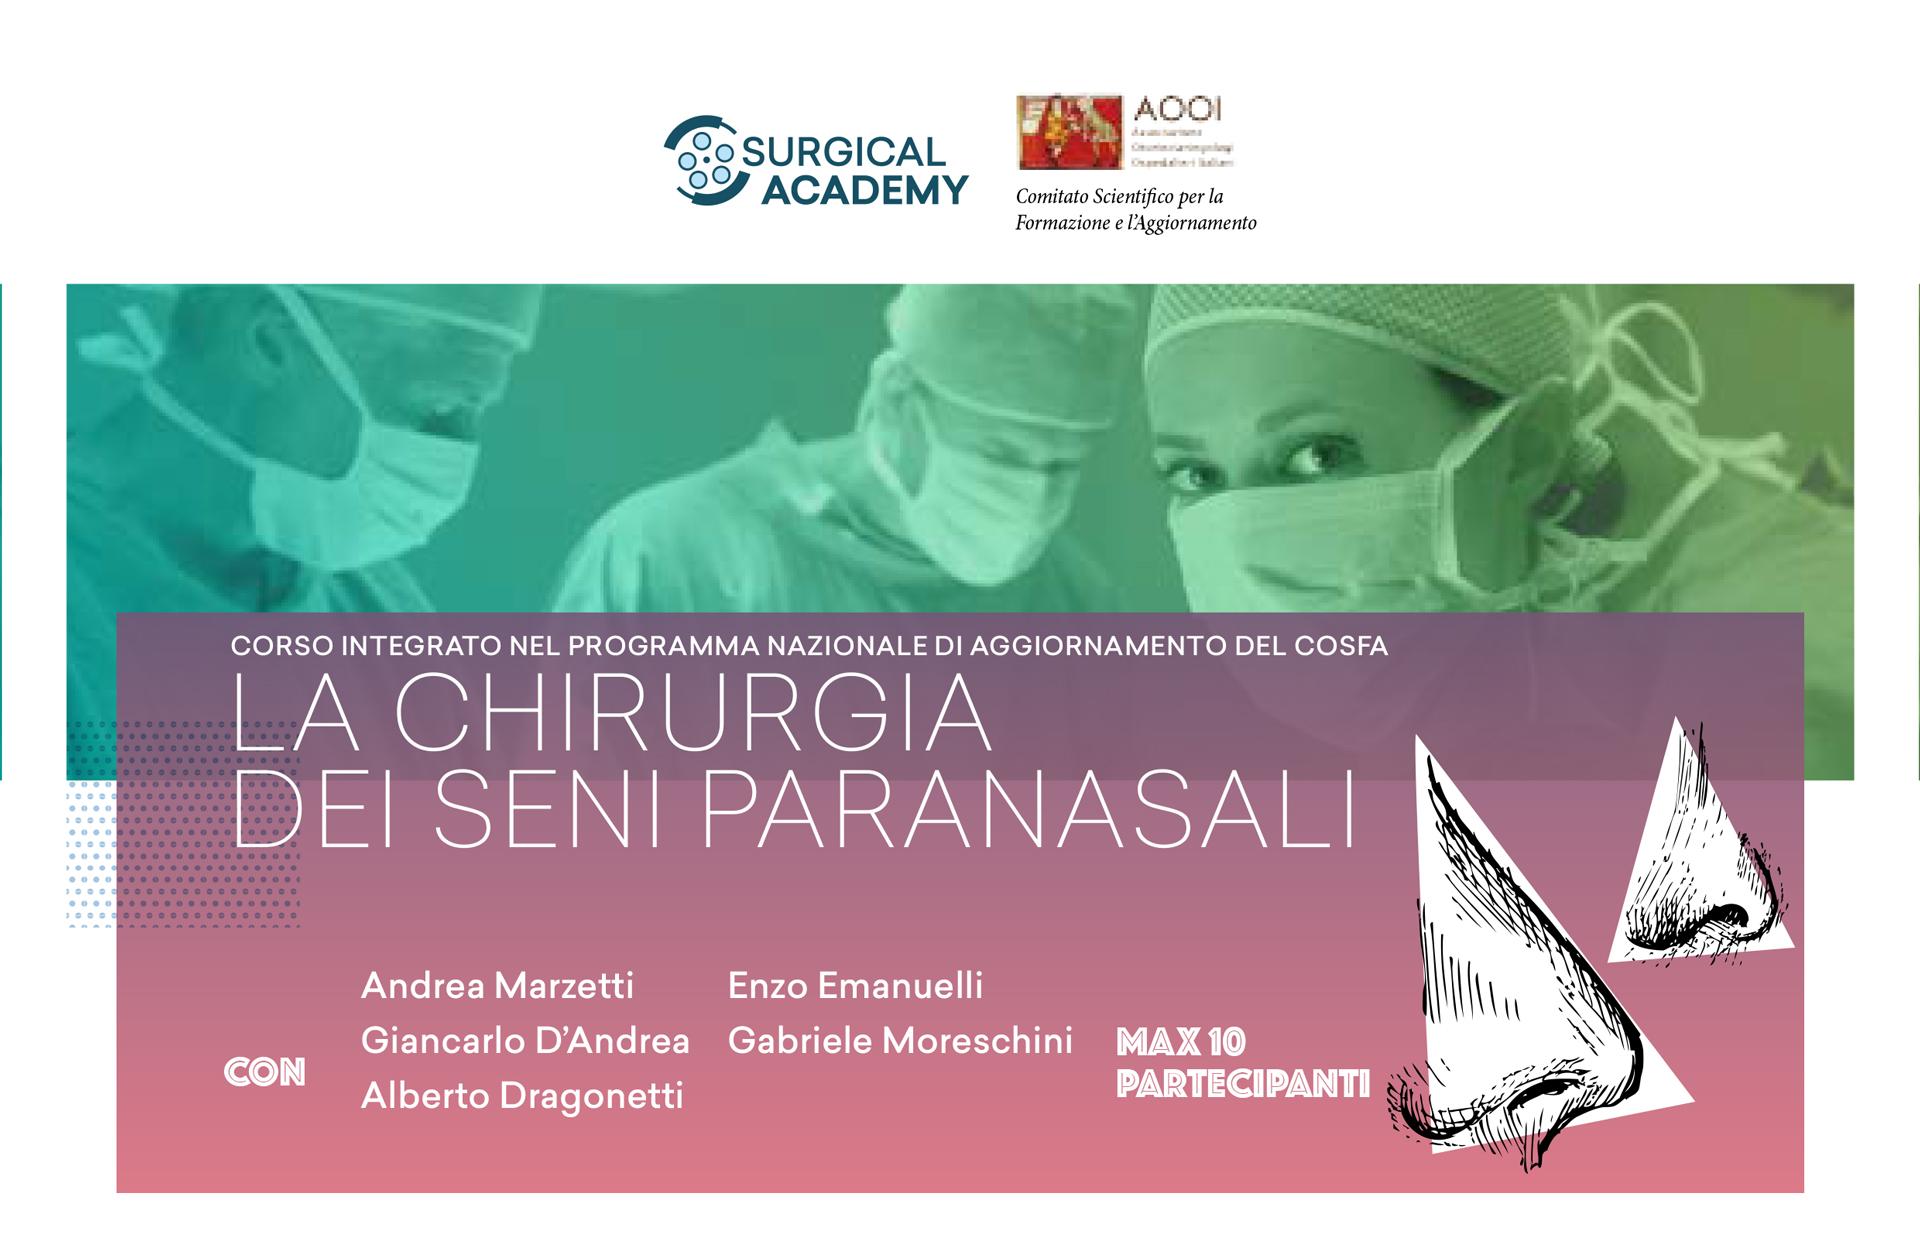 chirurgia-seni-paranasali2020